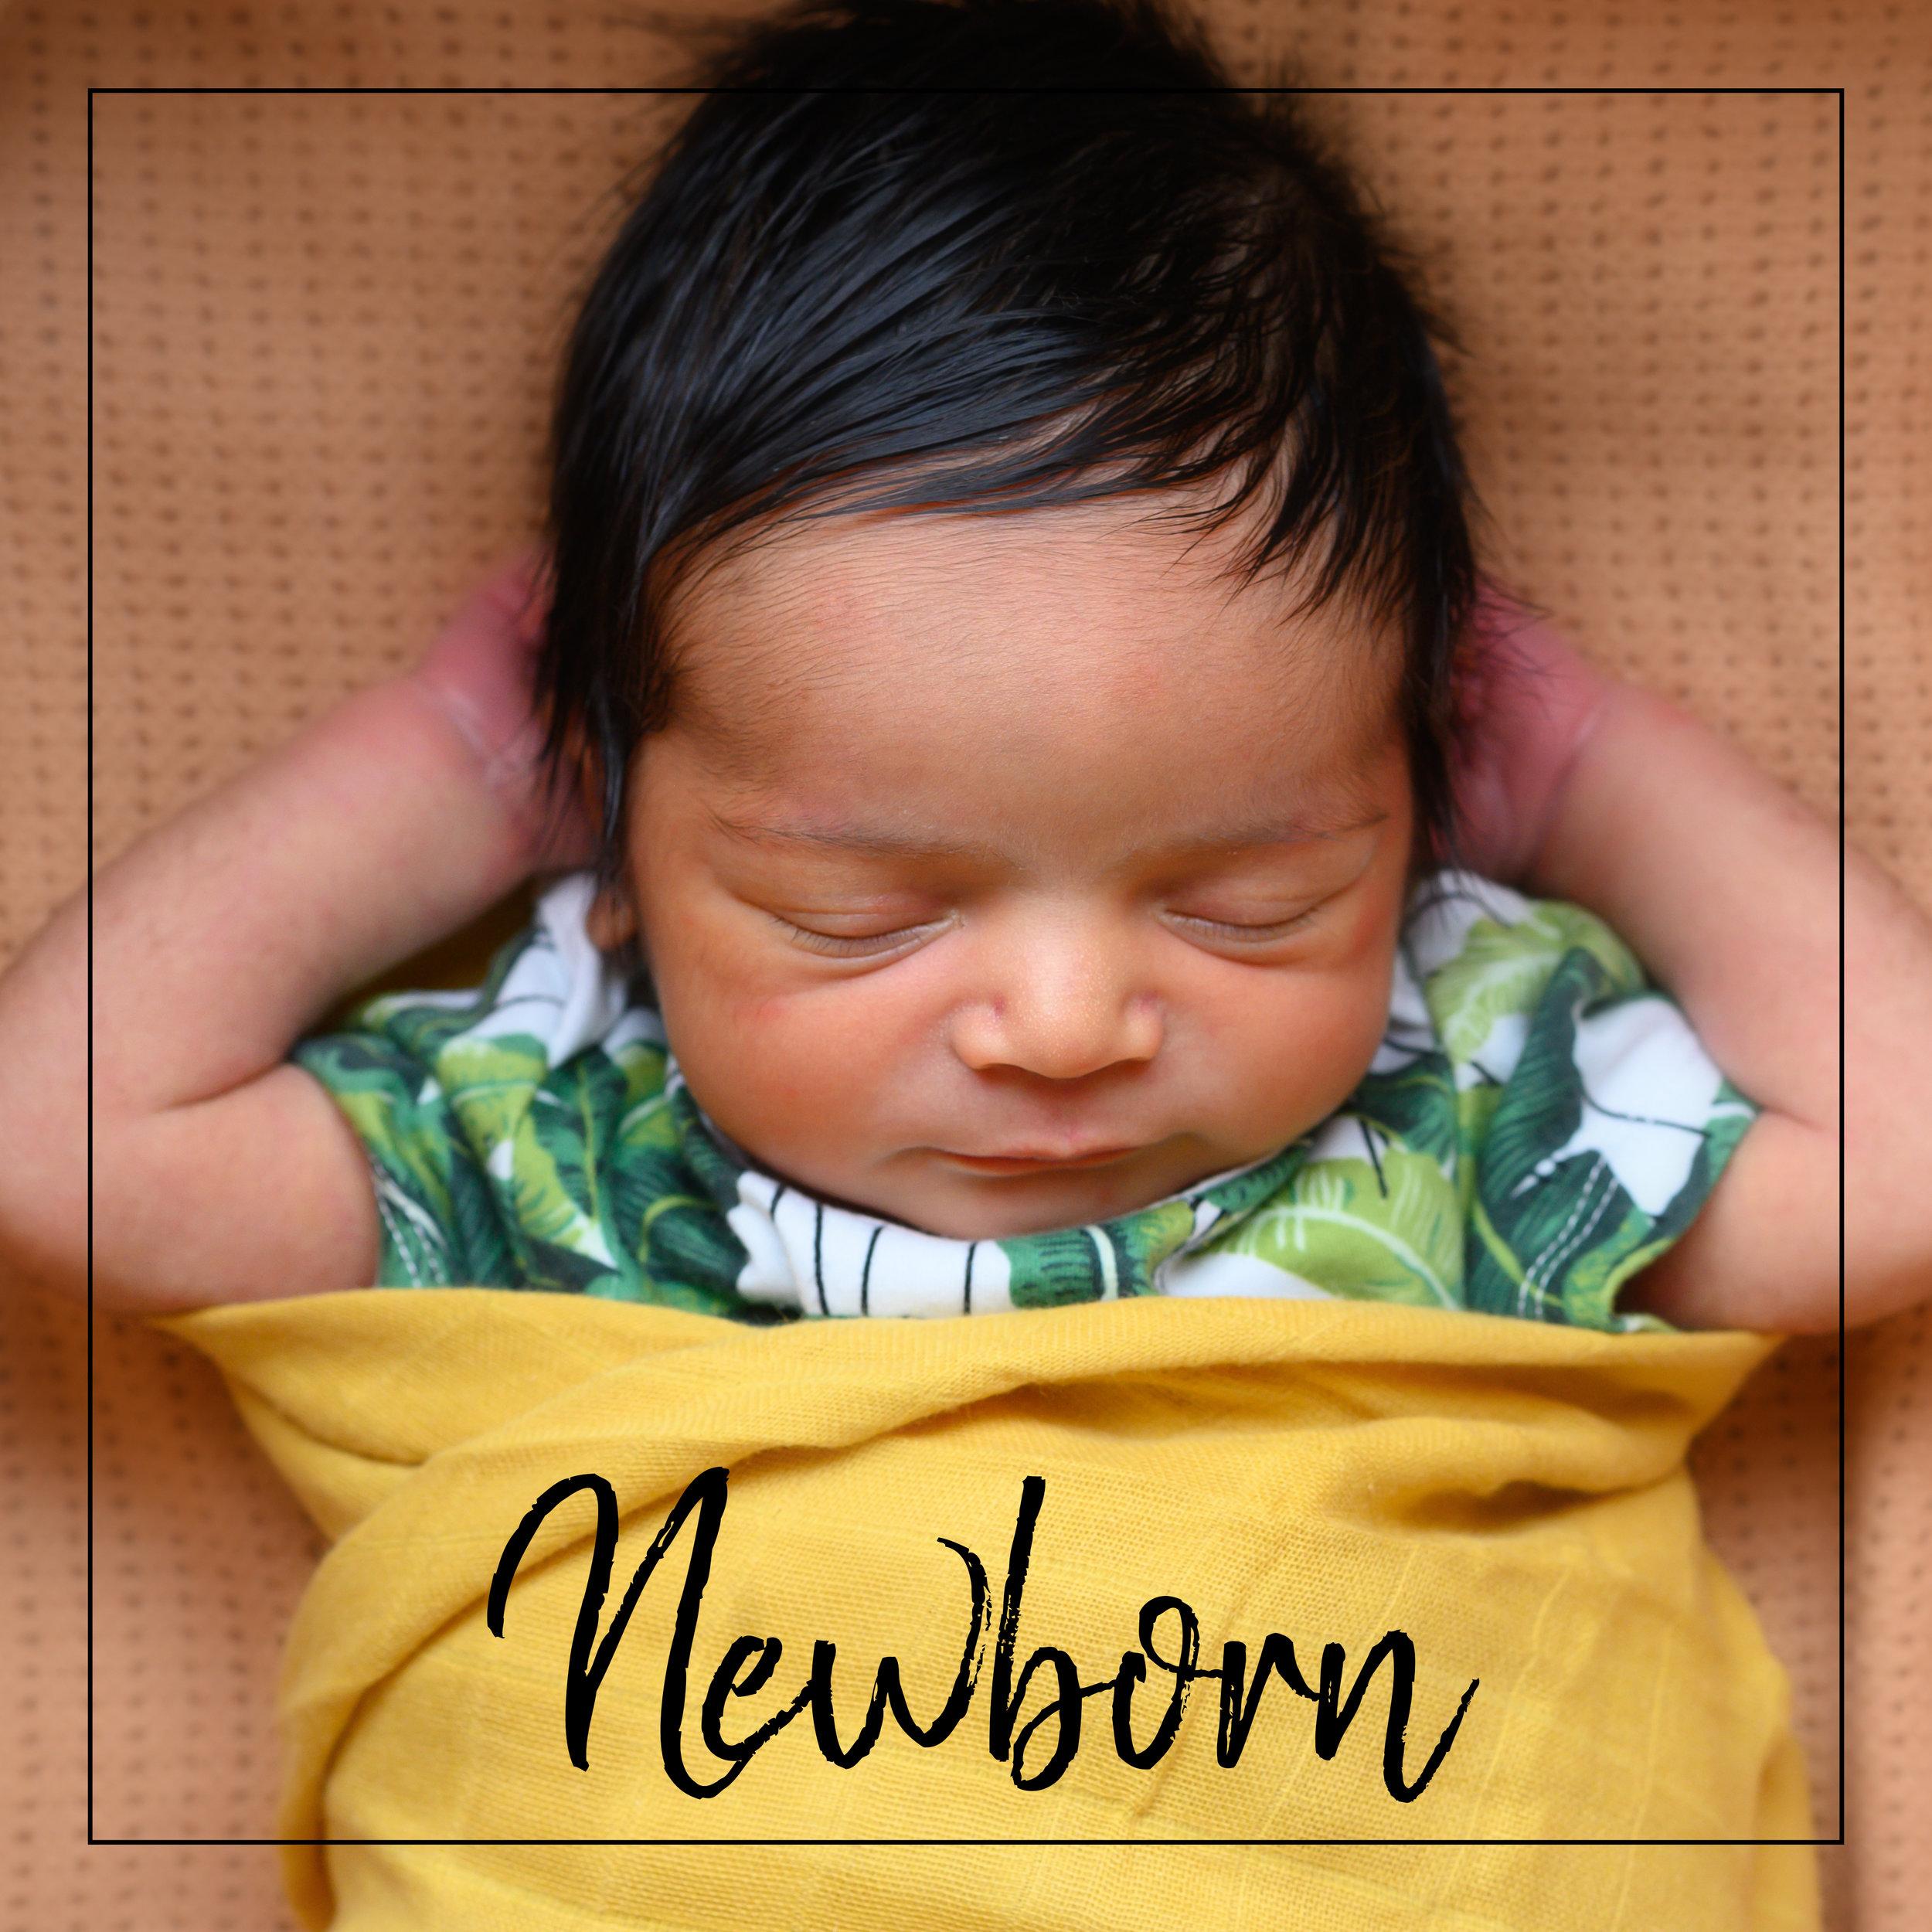 newborn tile.jpg